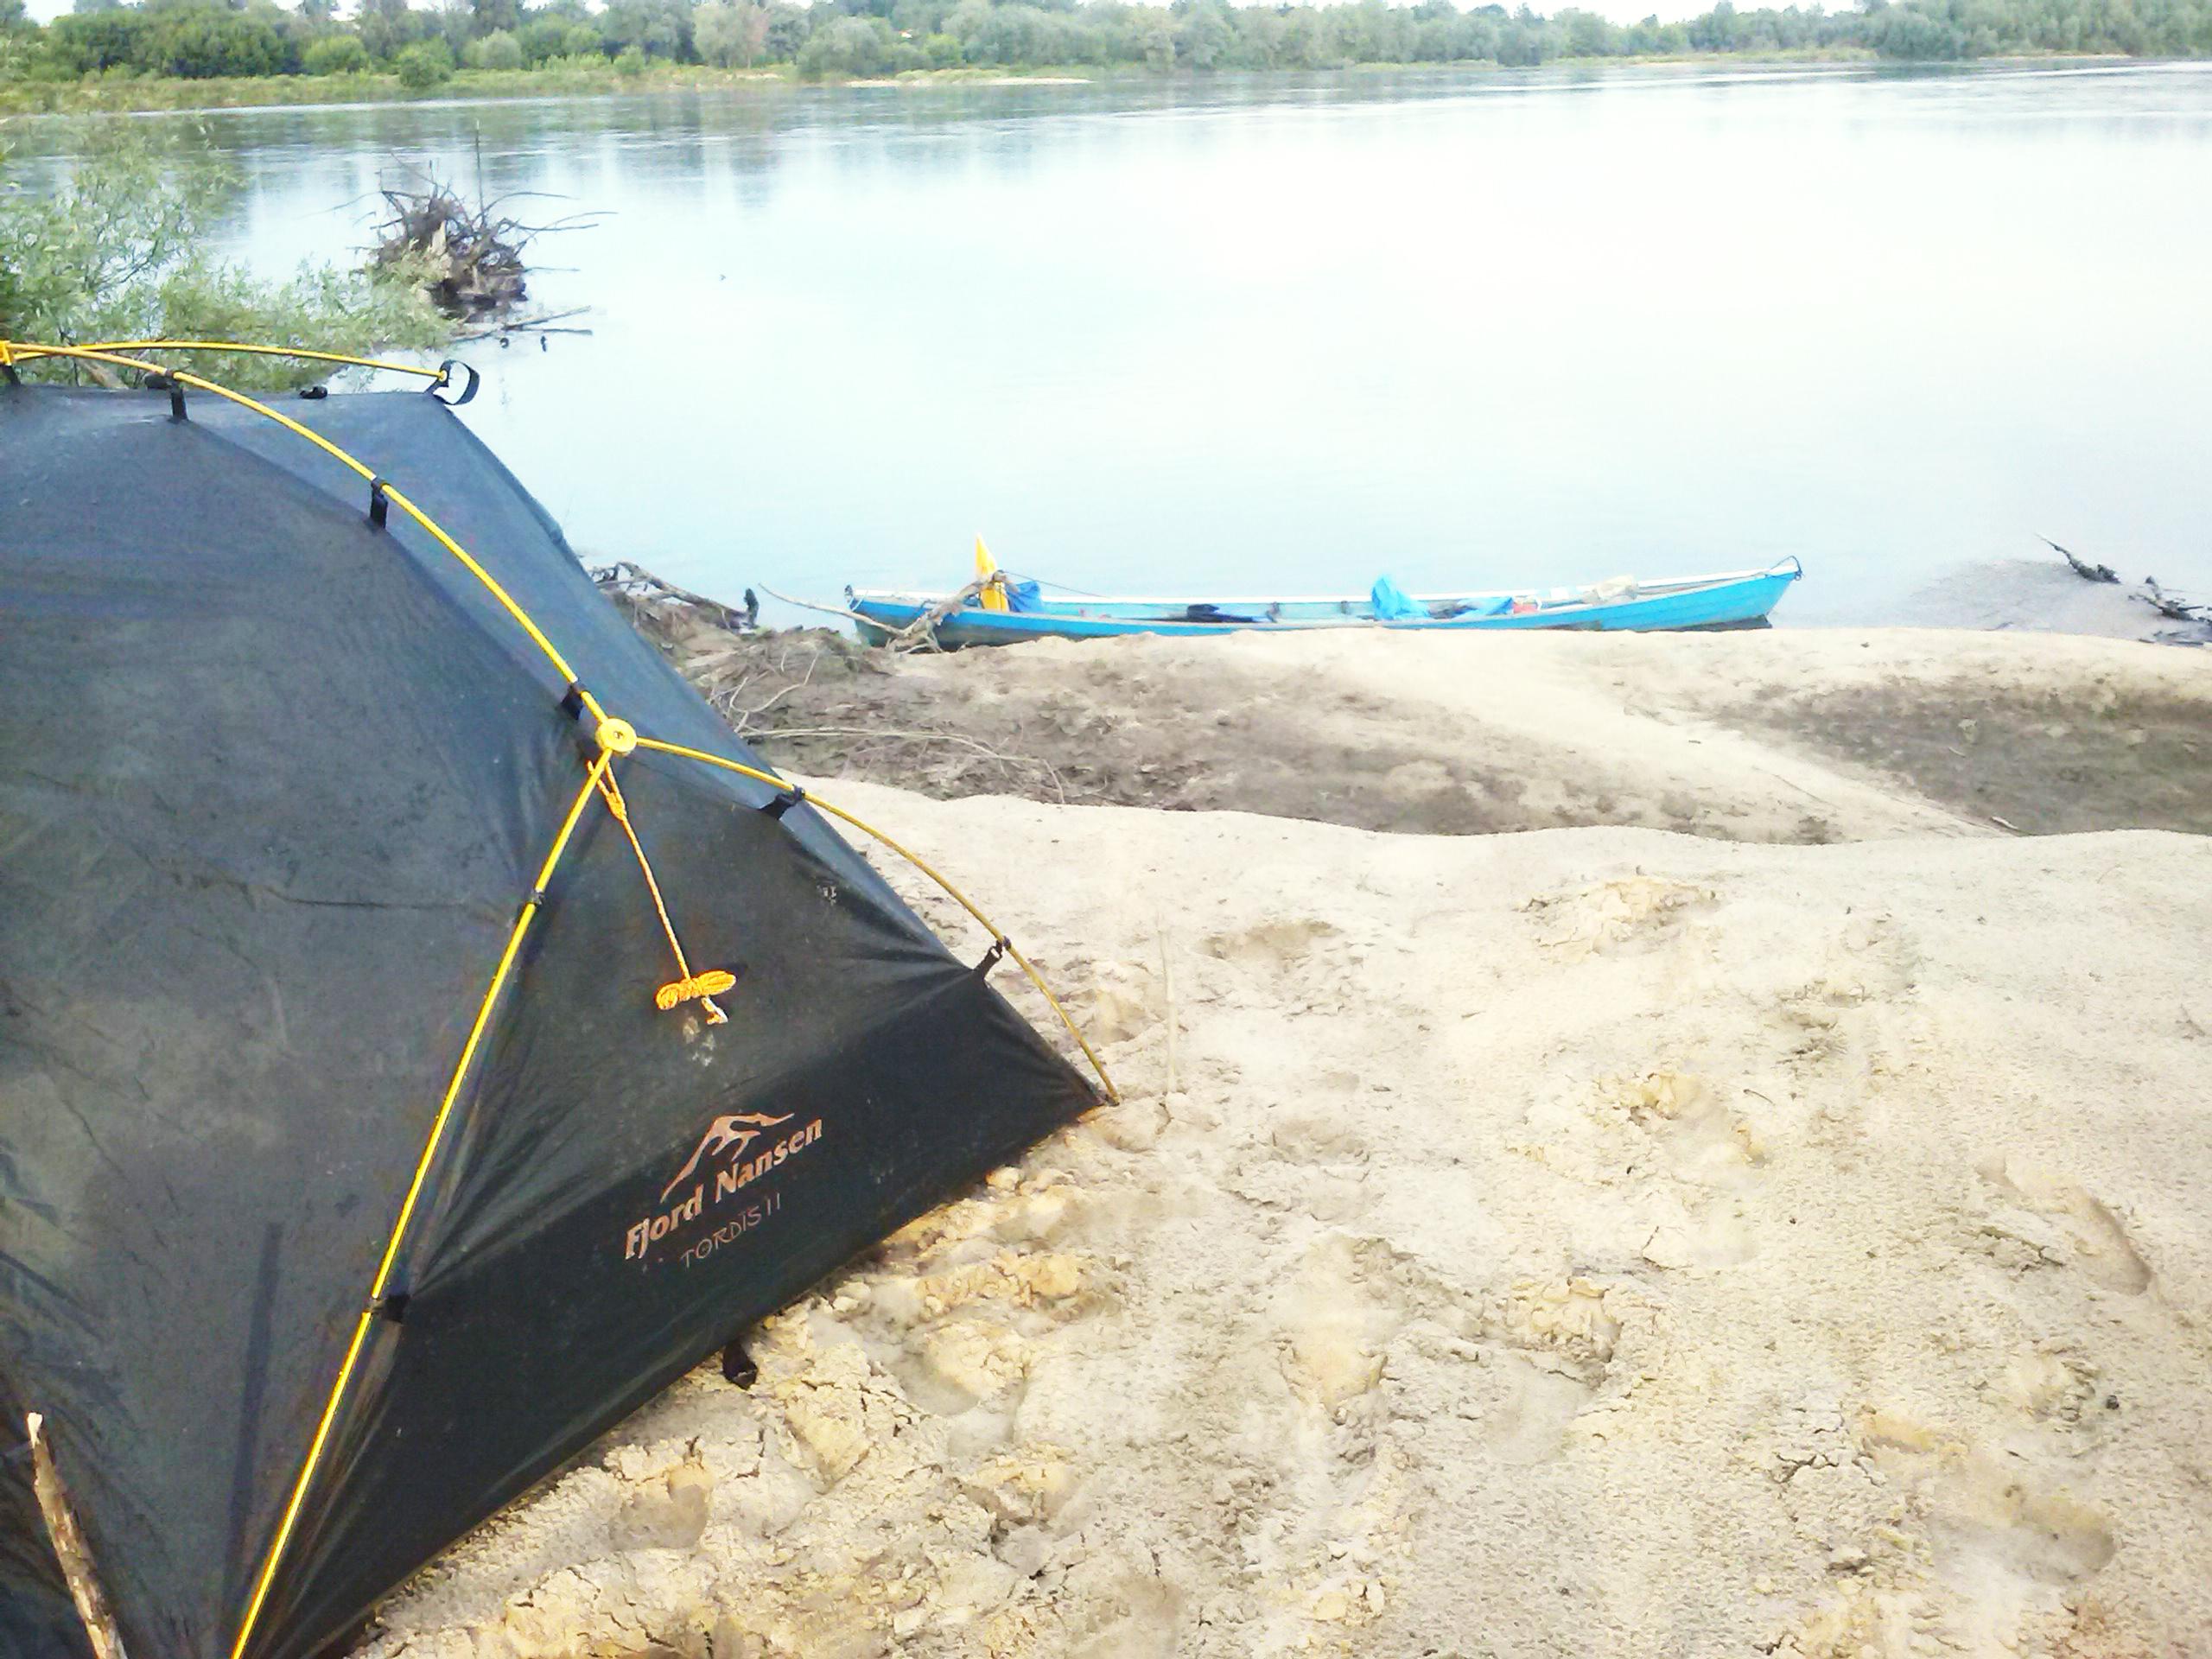 namiot i łódka